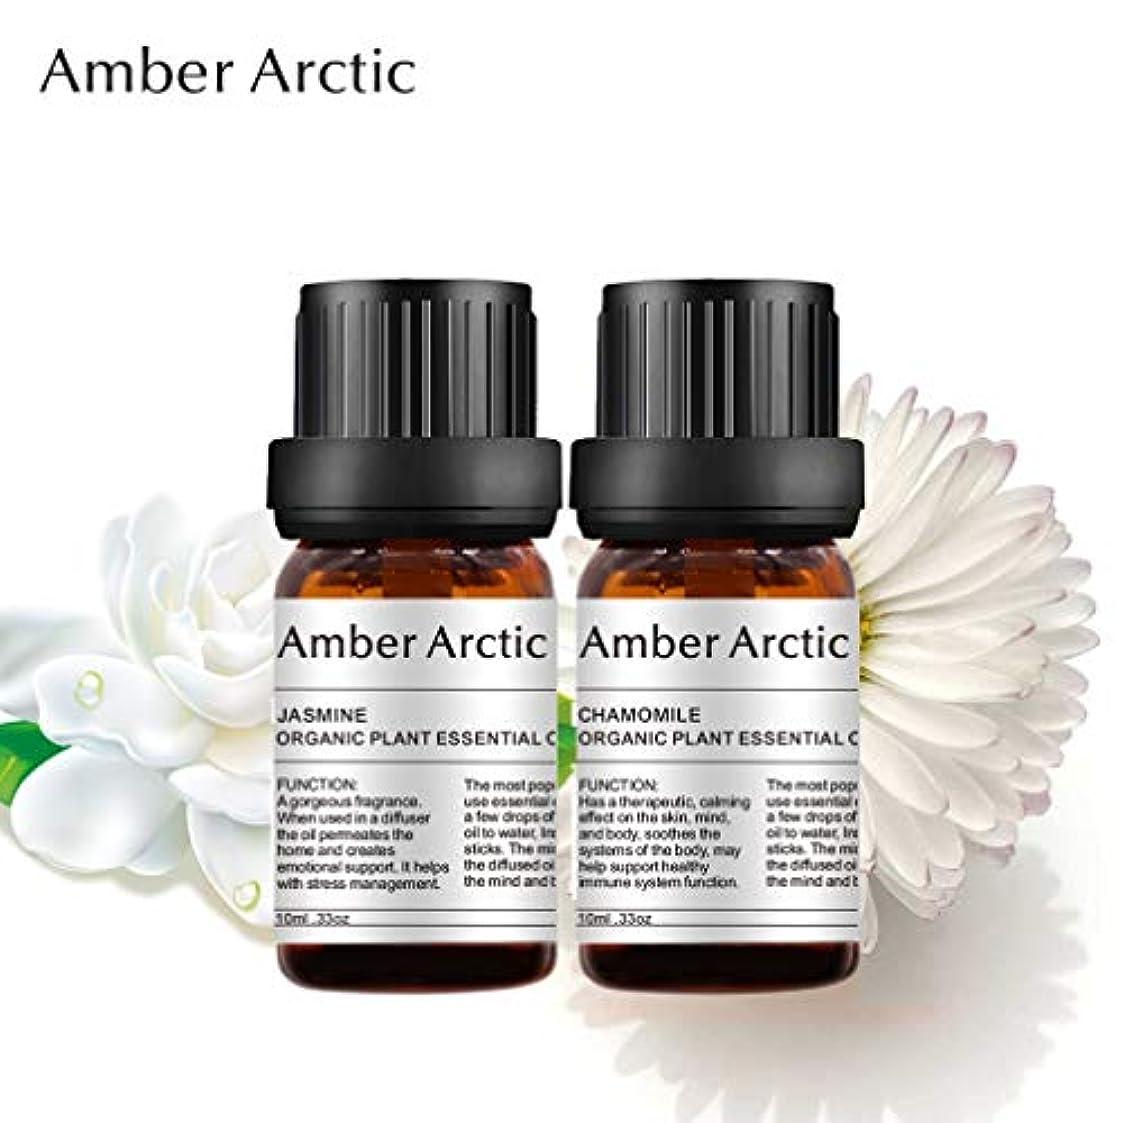 既婚製油所枯渇AMBER ARCTIC ジャスミン カモミール エッセンシャル オイル ディフューザー 用 100% ピュア フレッシュ オーガニック プラント セラピー ジャスミン カモミール オイル 10Mlx2 セット 6